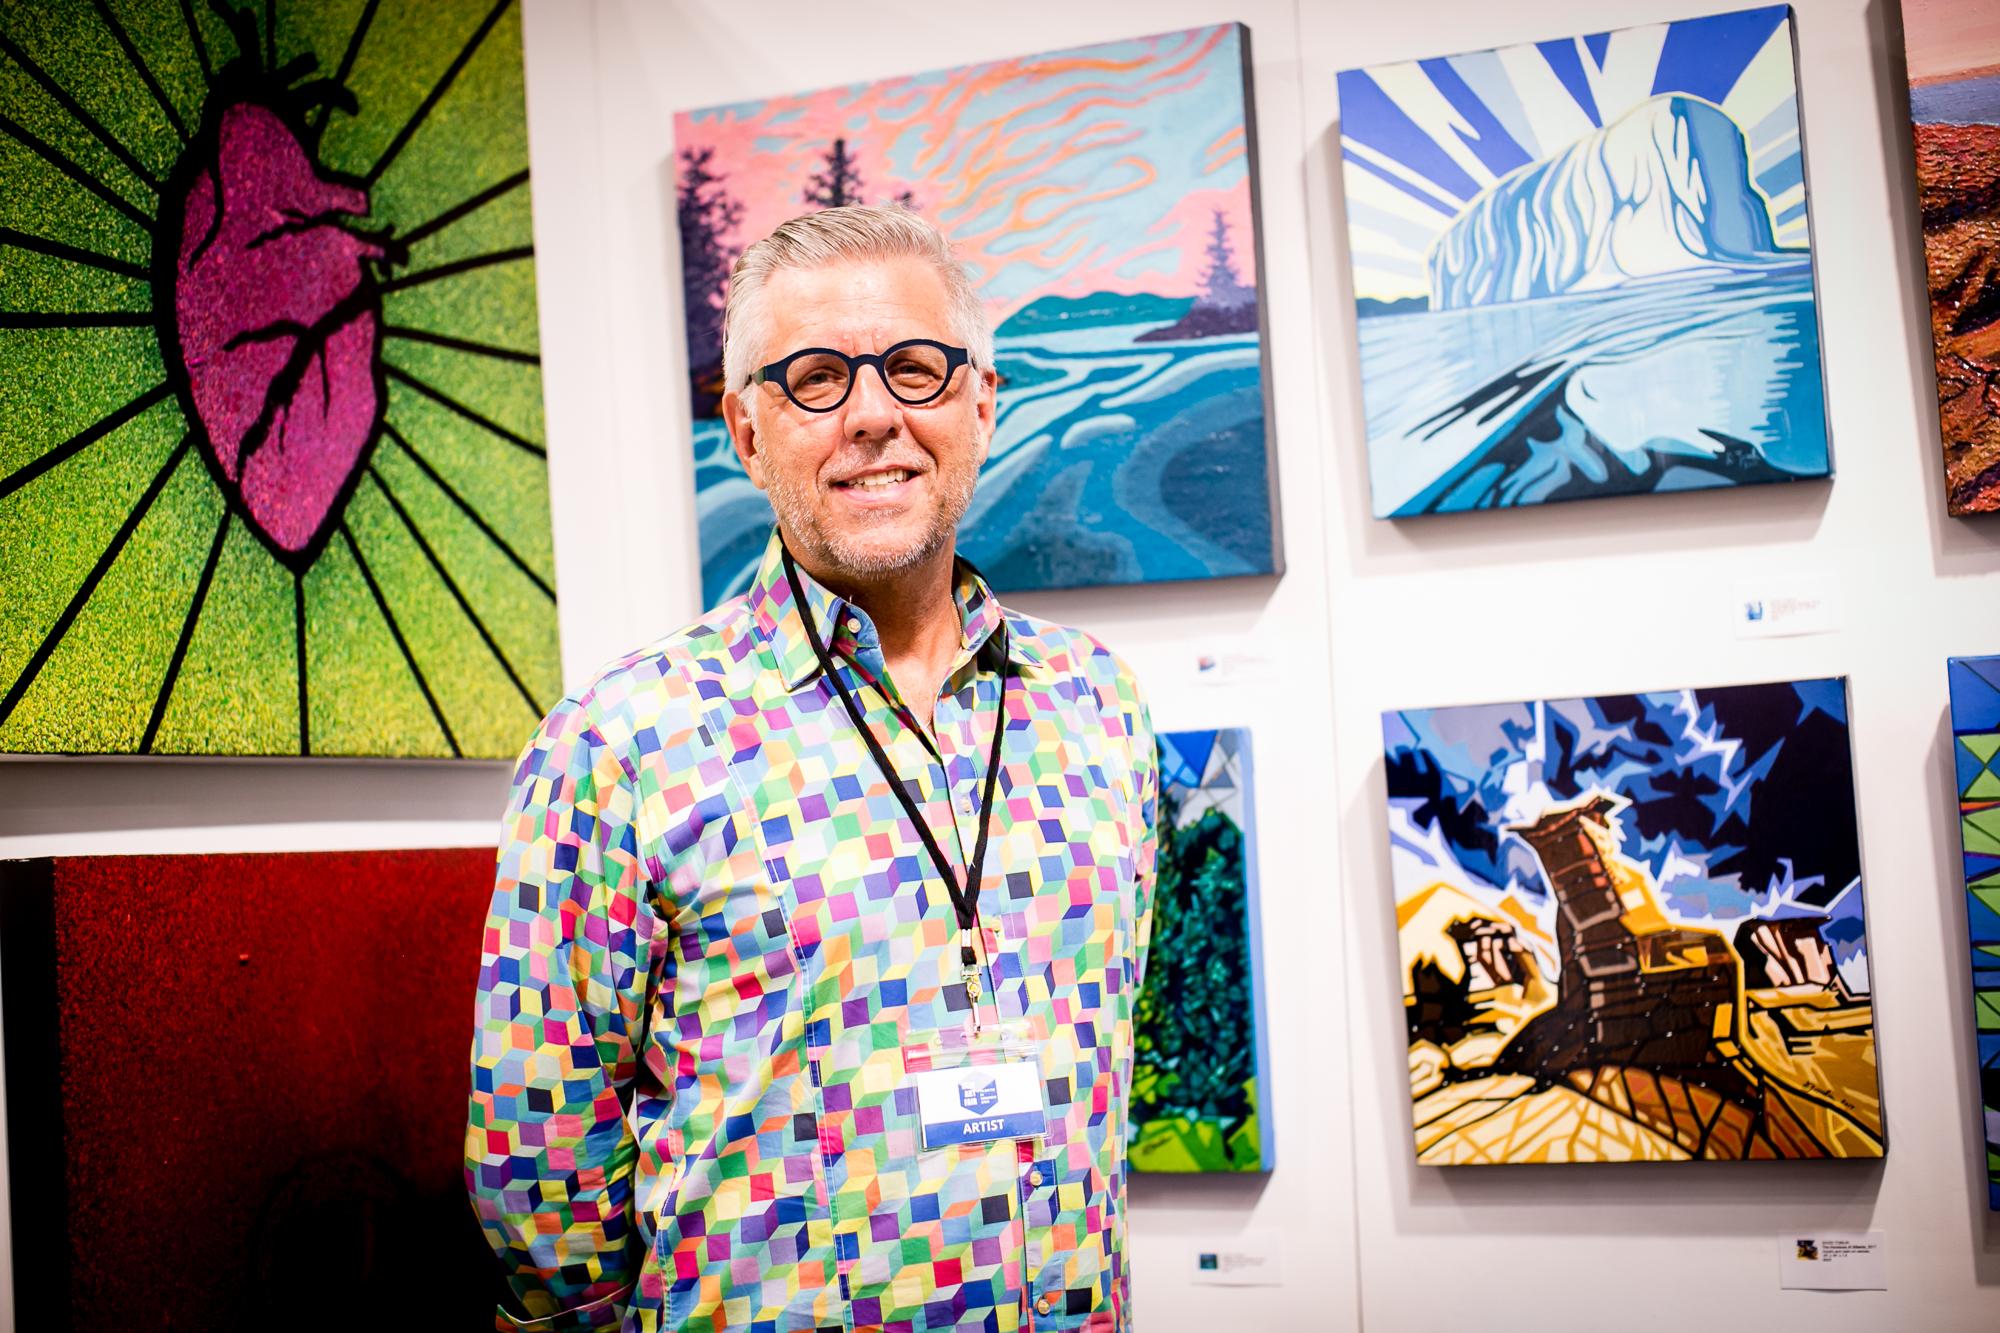 Artist David Tomlin